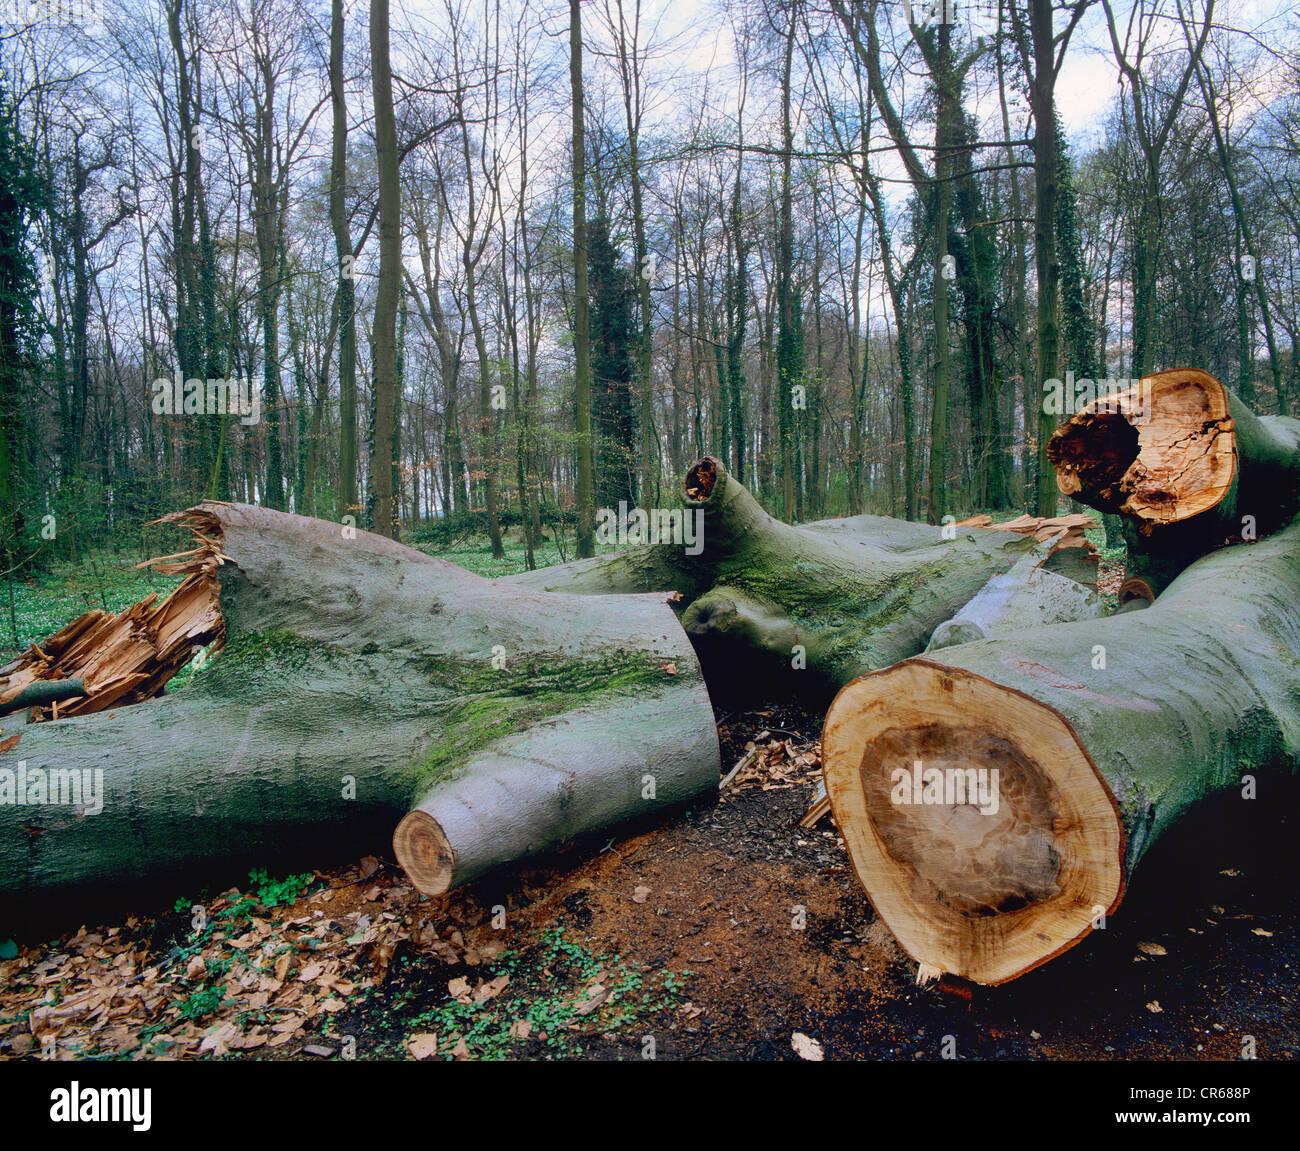 Rottura del vento, tagliare tronchi di alberi caduti, faggio europeo, comune faggio (Fagus sylvatica) Immagini Stock